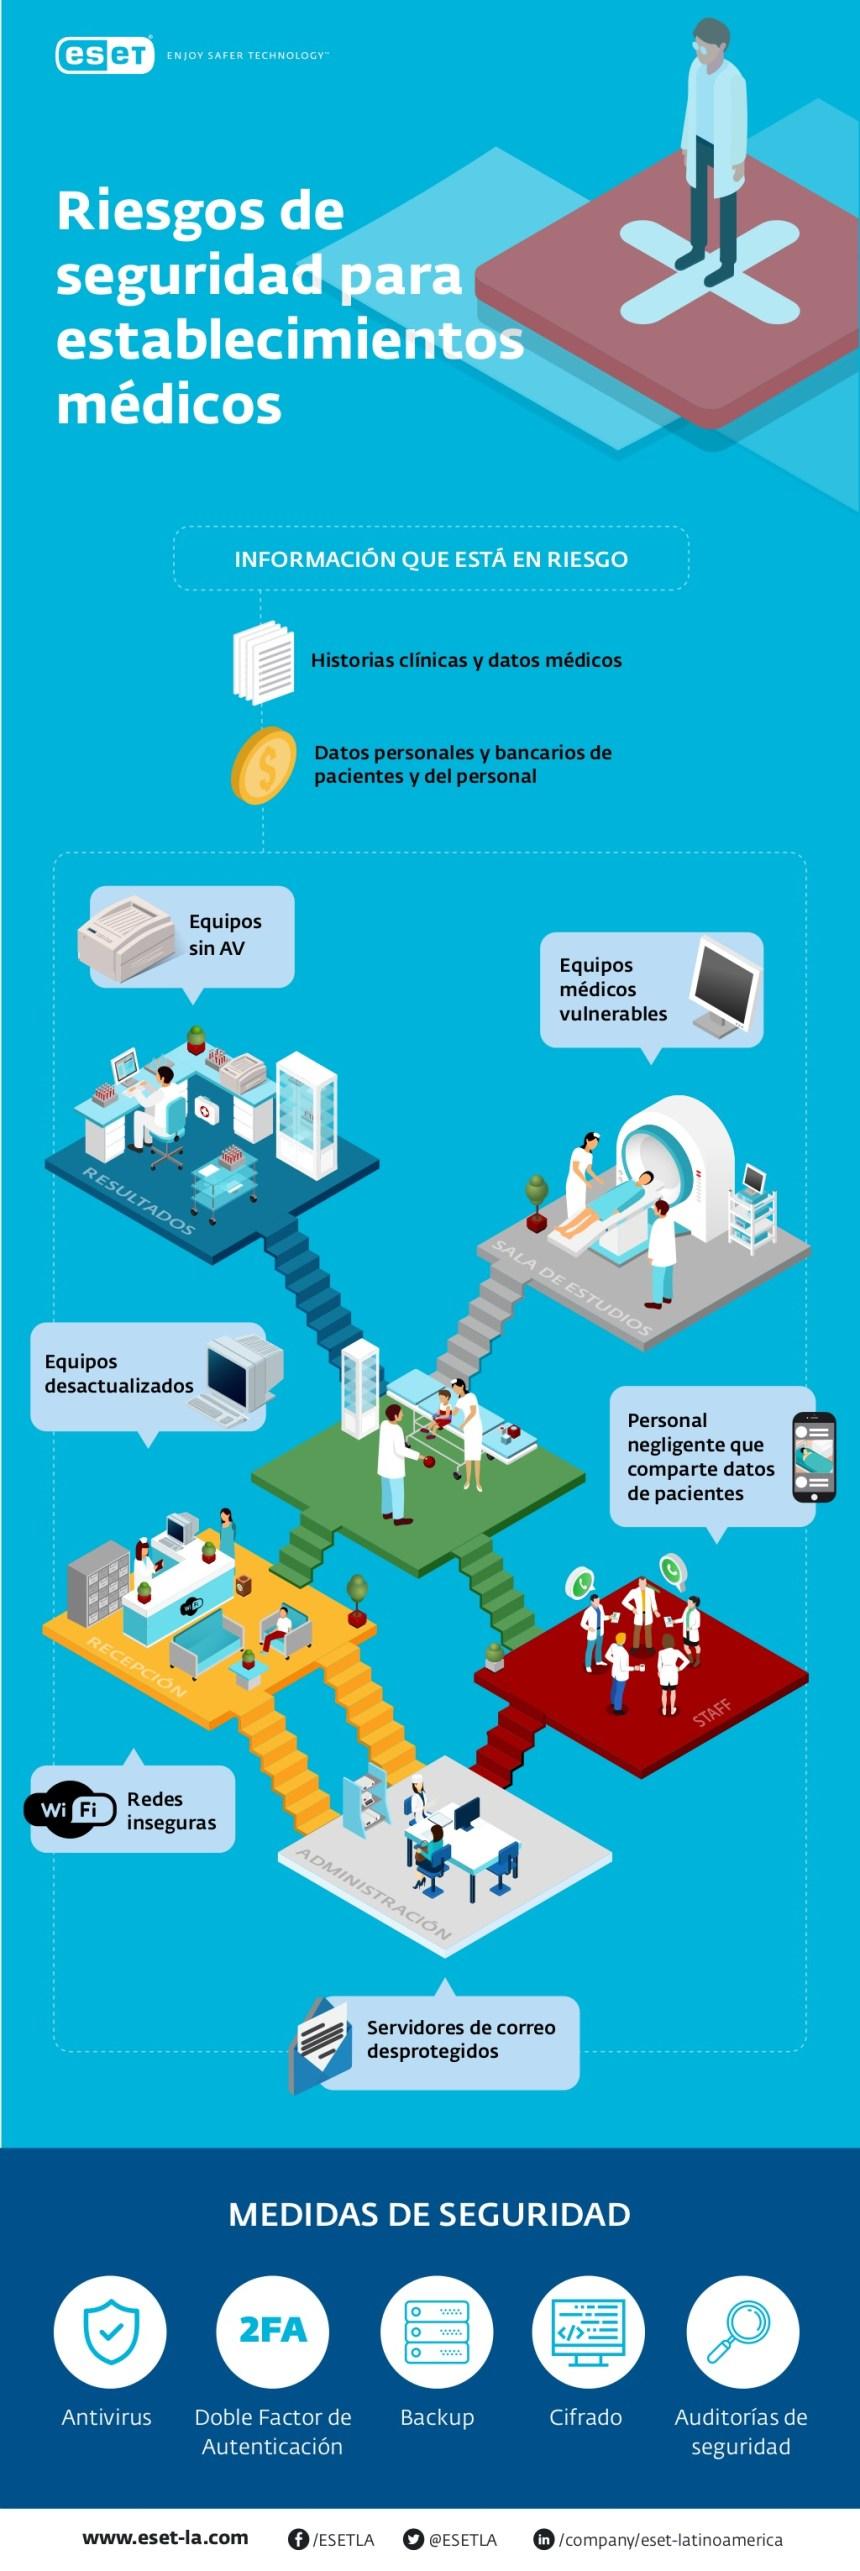 Riesgos de seguridad digital para establecimientos médicos